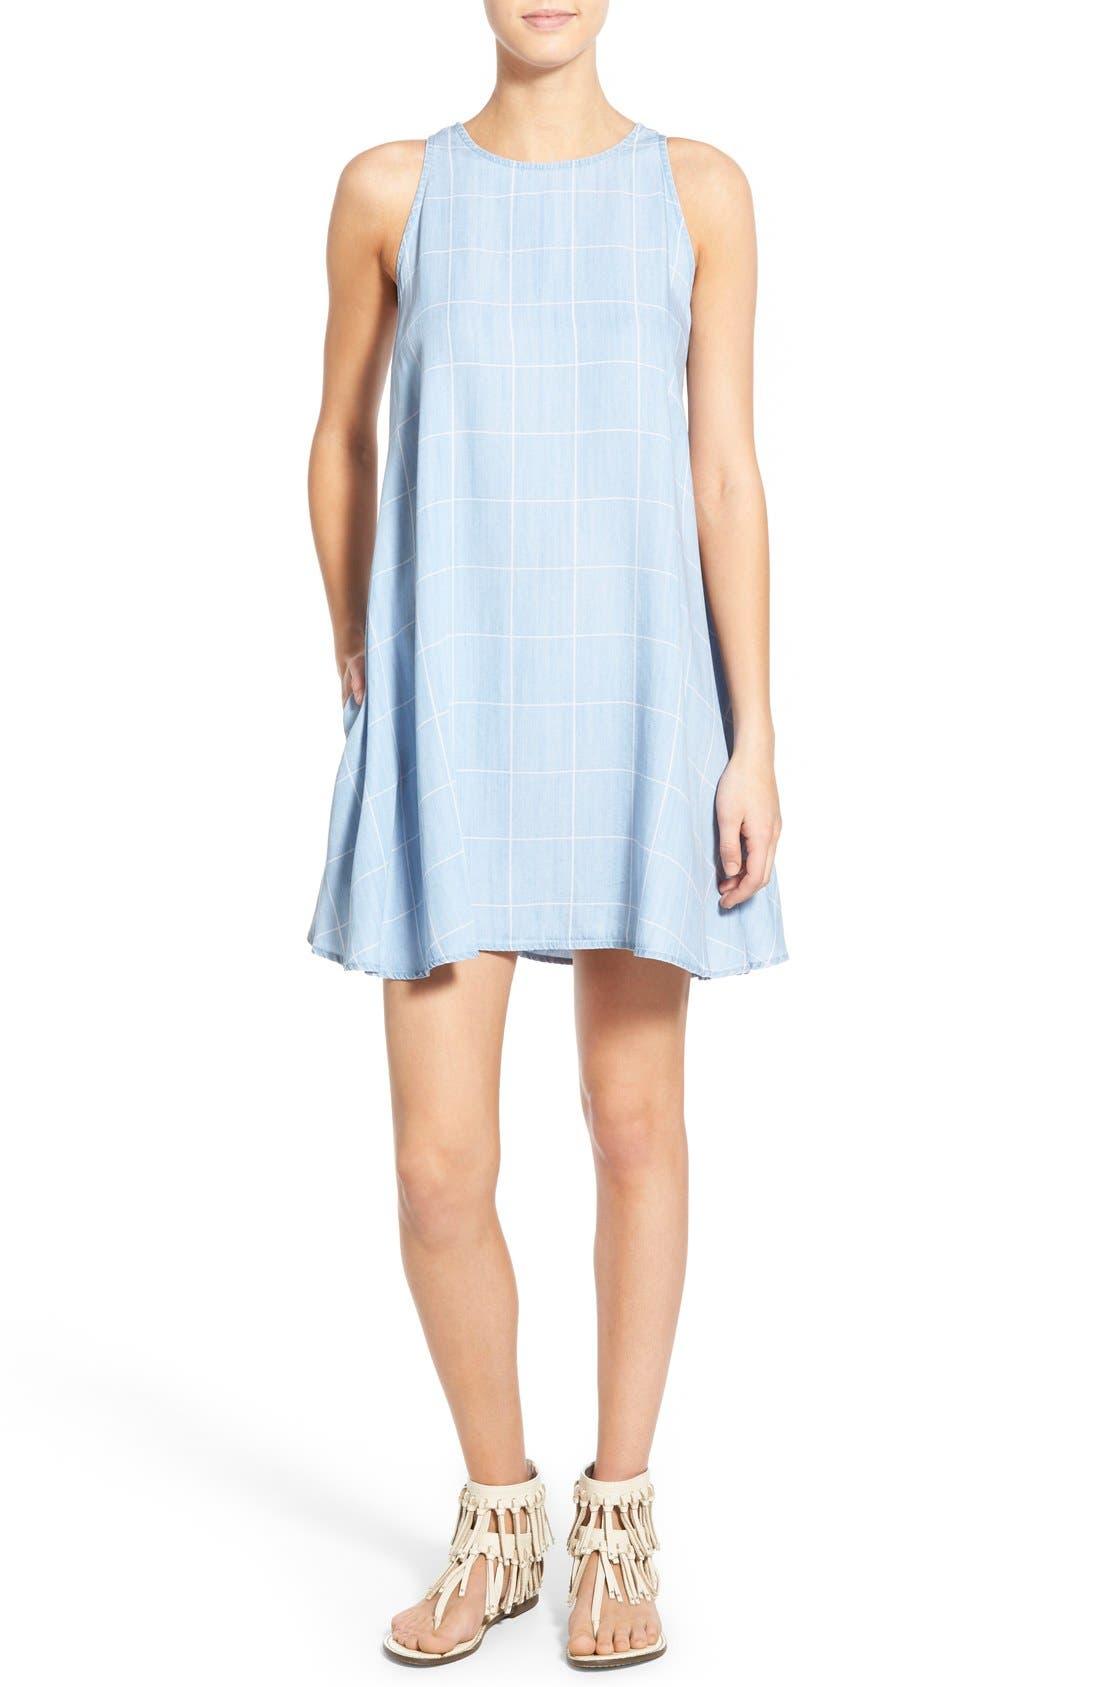 Alternate Image 1 Selected - Rails 'Anya' Check Chambray Shift Dress